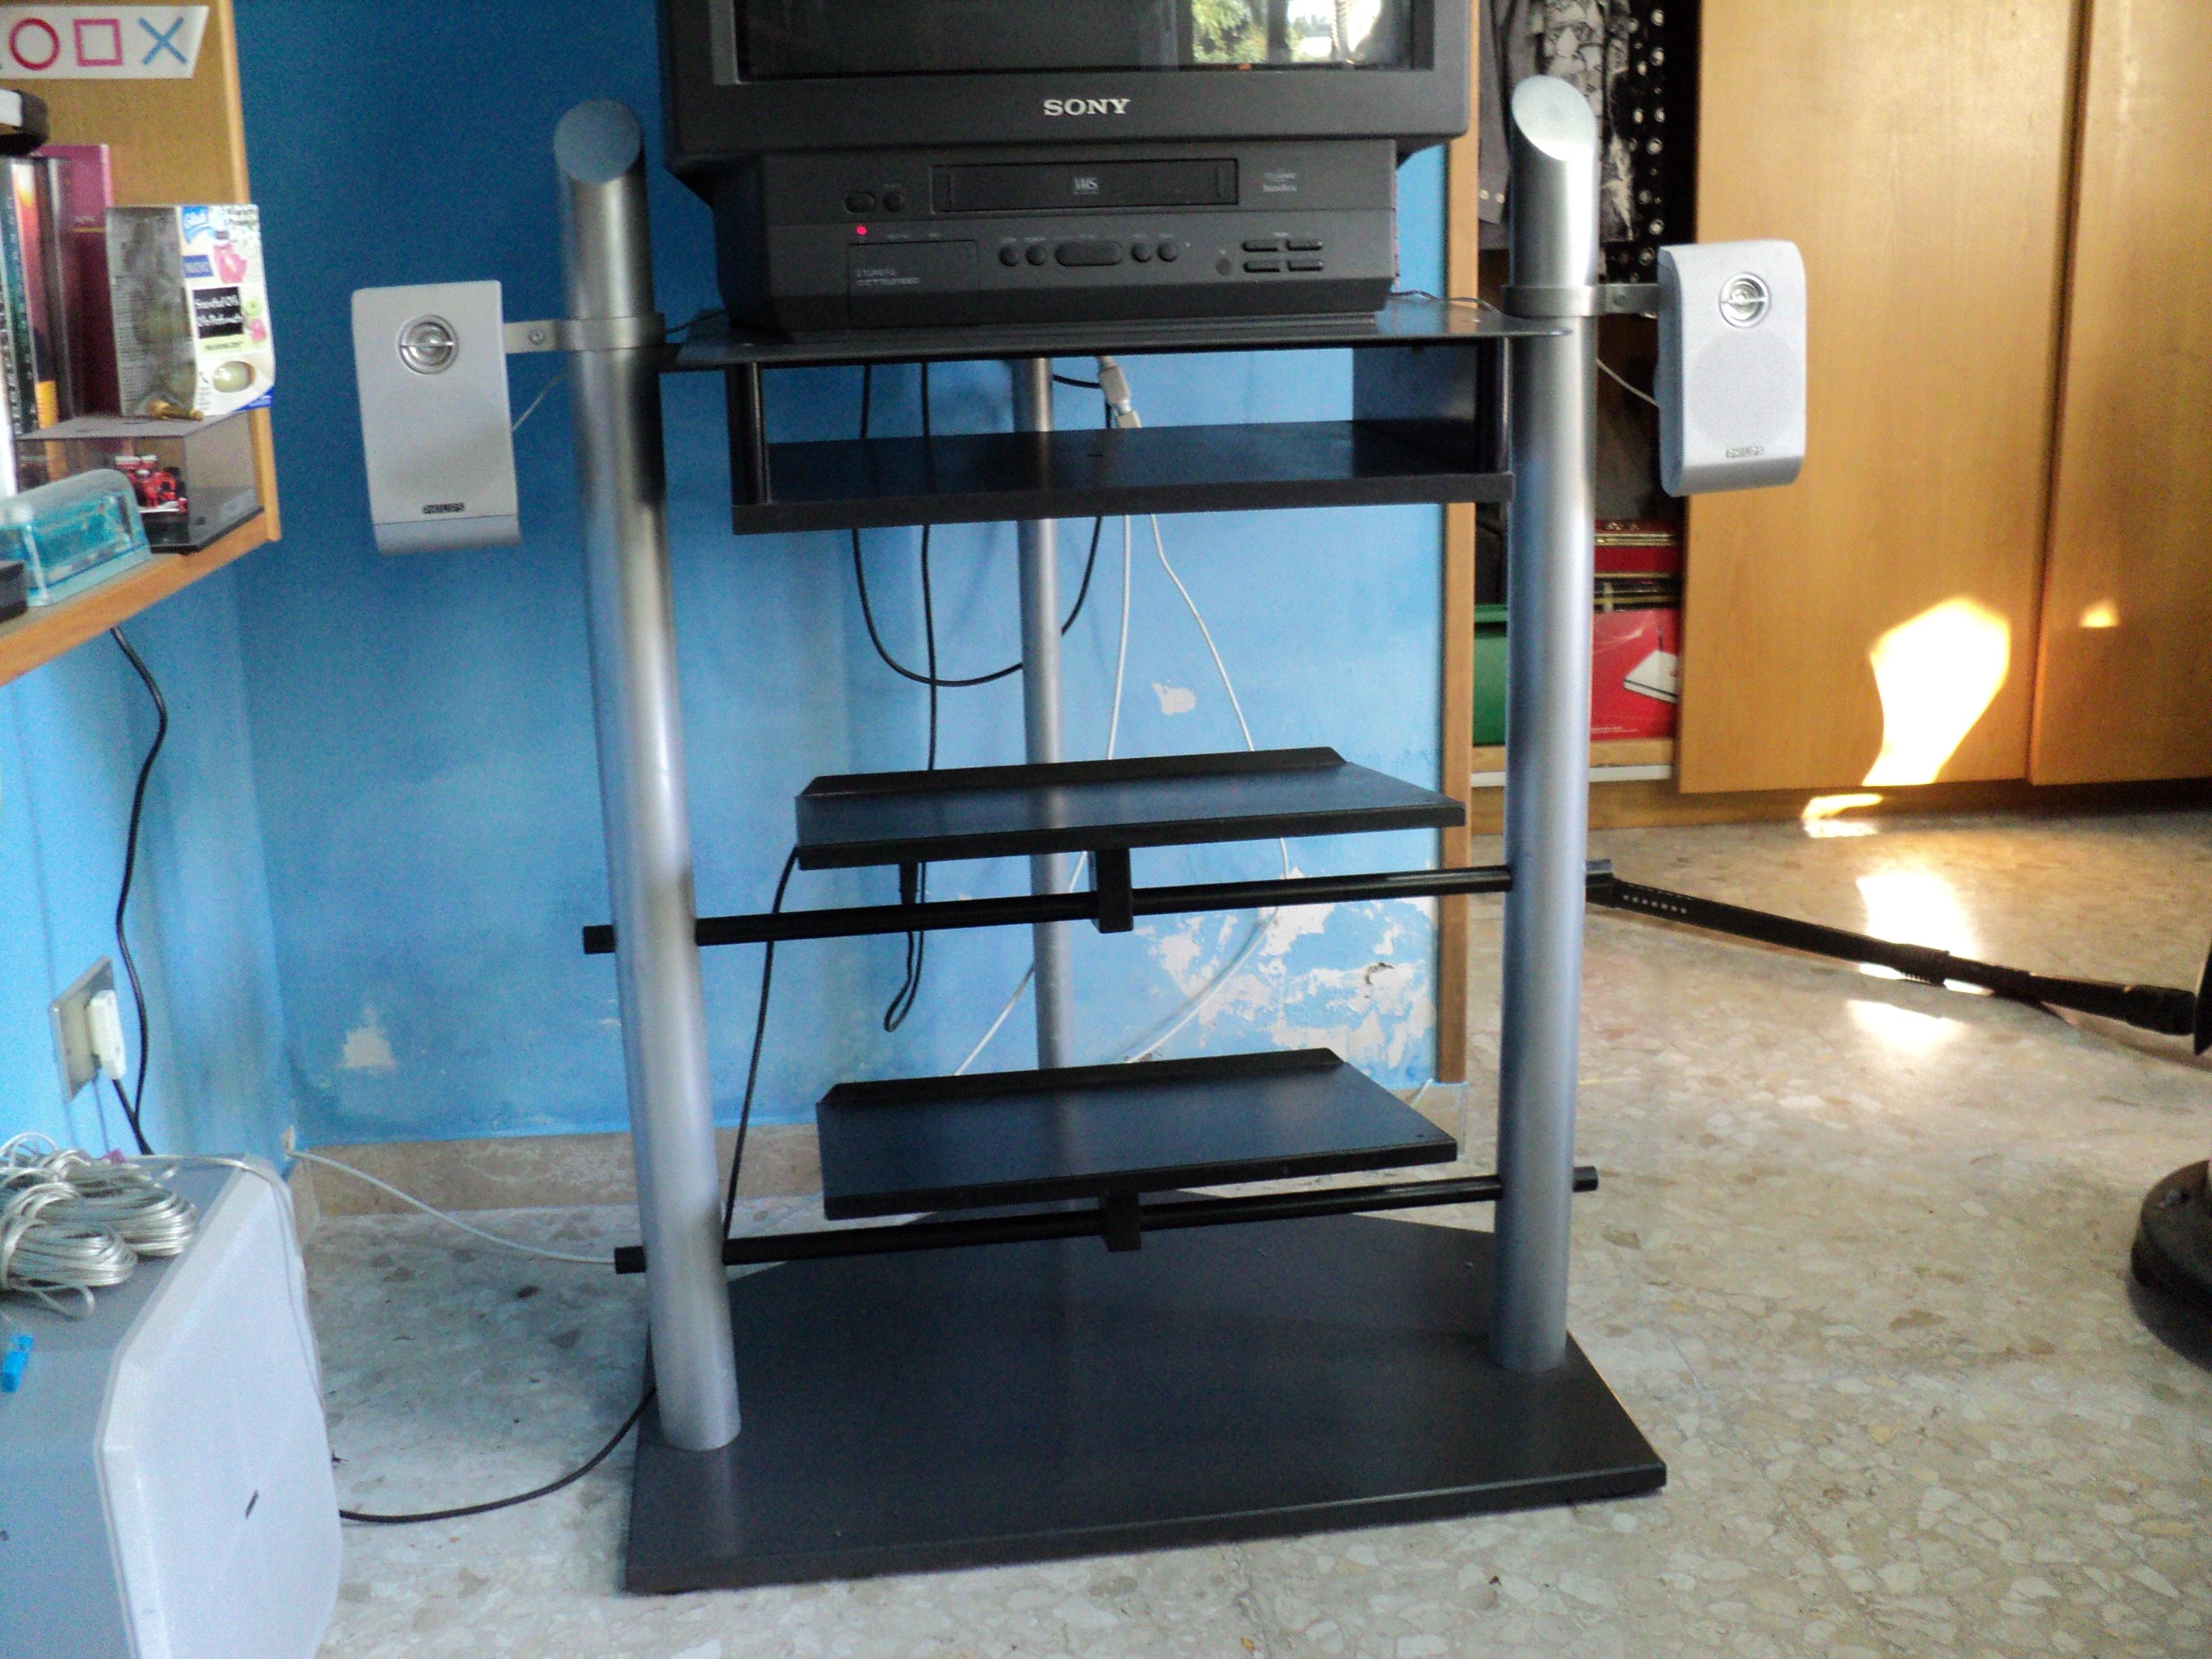 Mobile porta tv con 3 ripiani per altri componenti come for Mobile tv usato